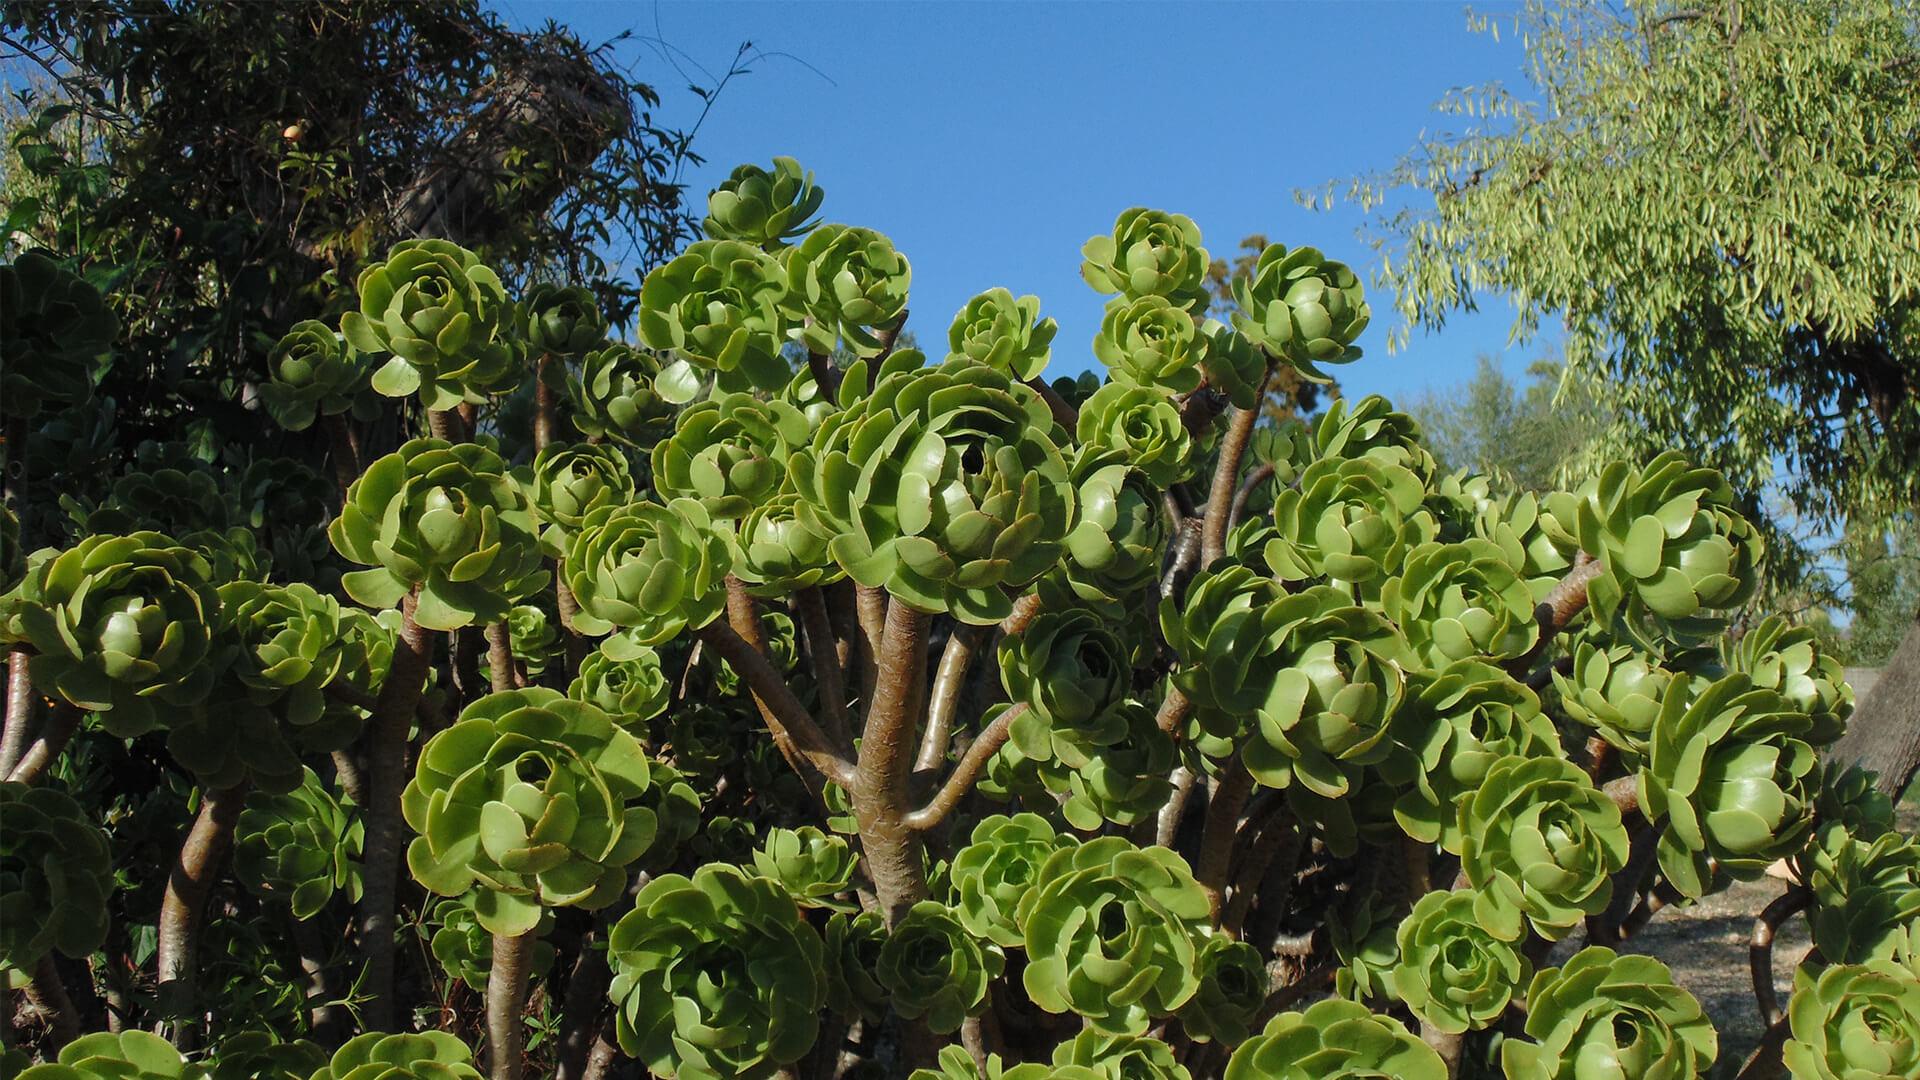 Aeonium andratx autumn mallorca garden